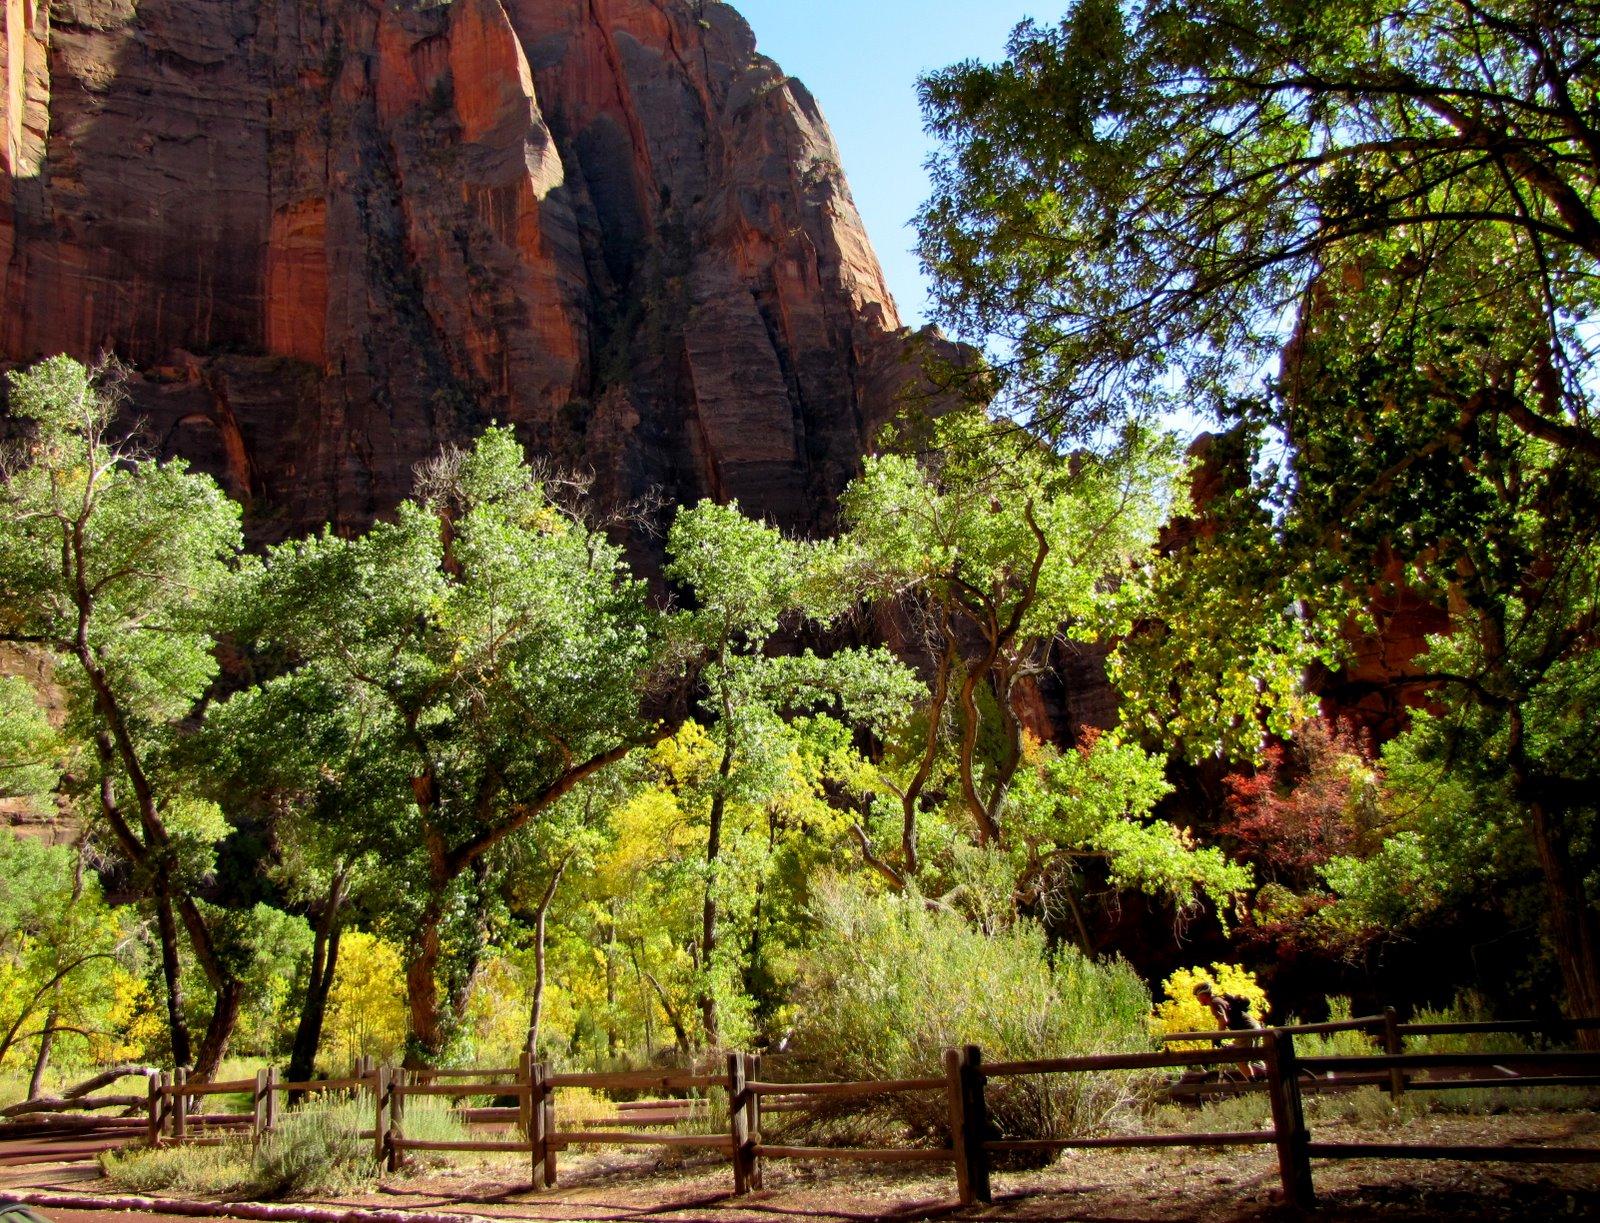 Ősz Zionban  Autumn in Zion